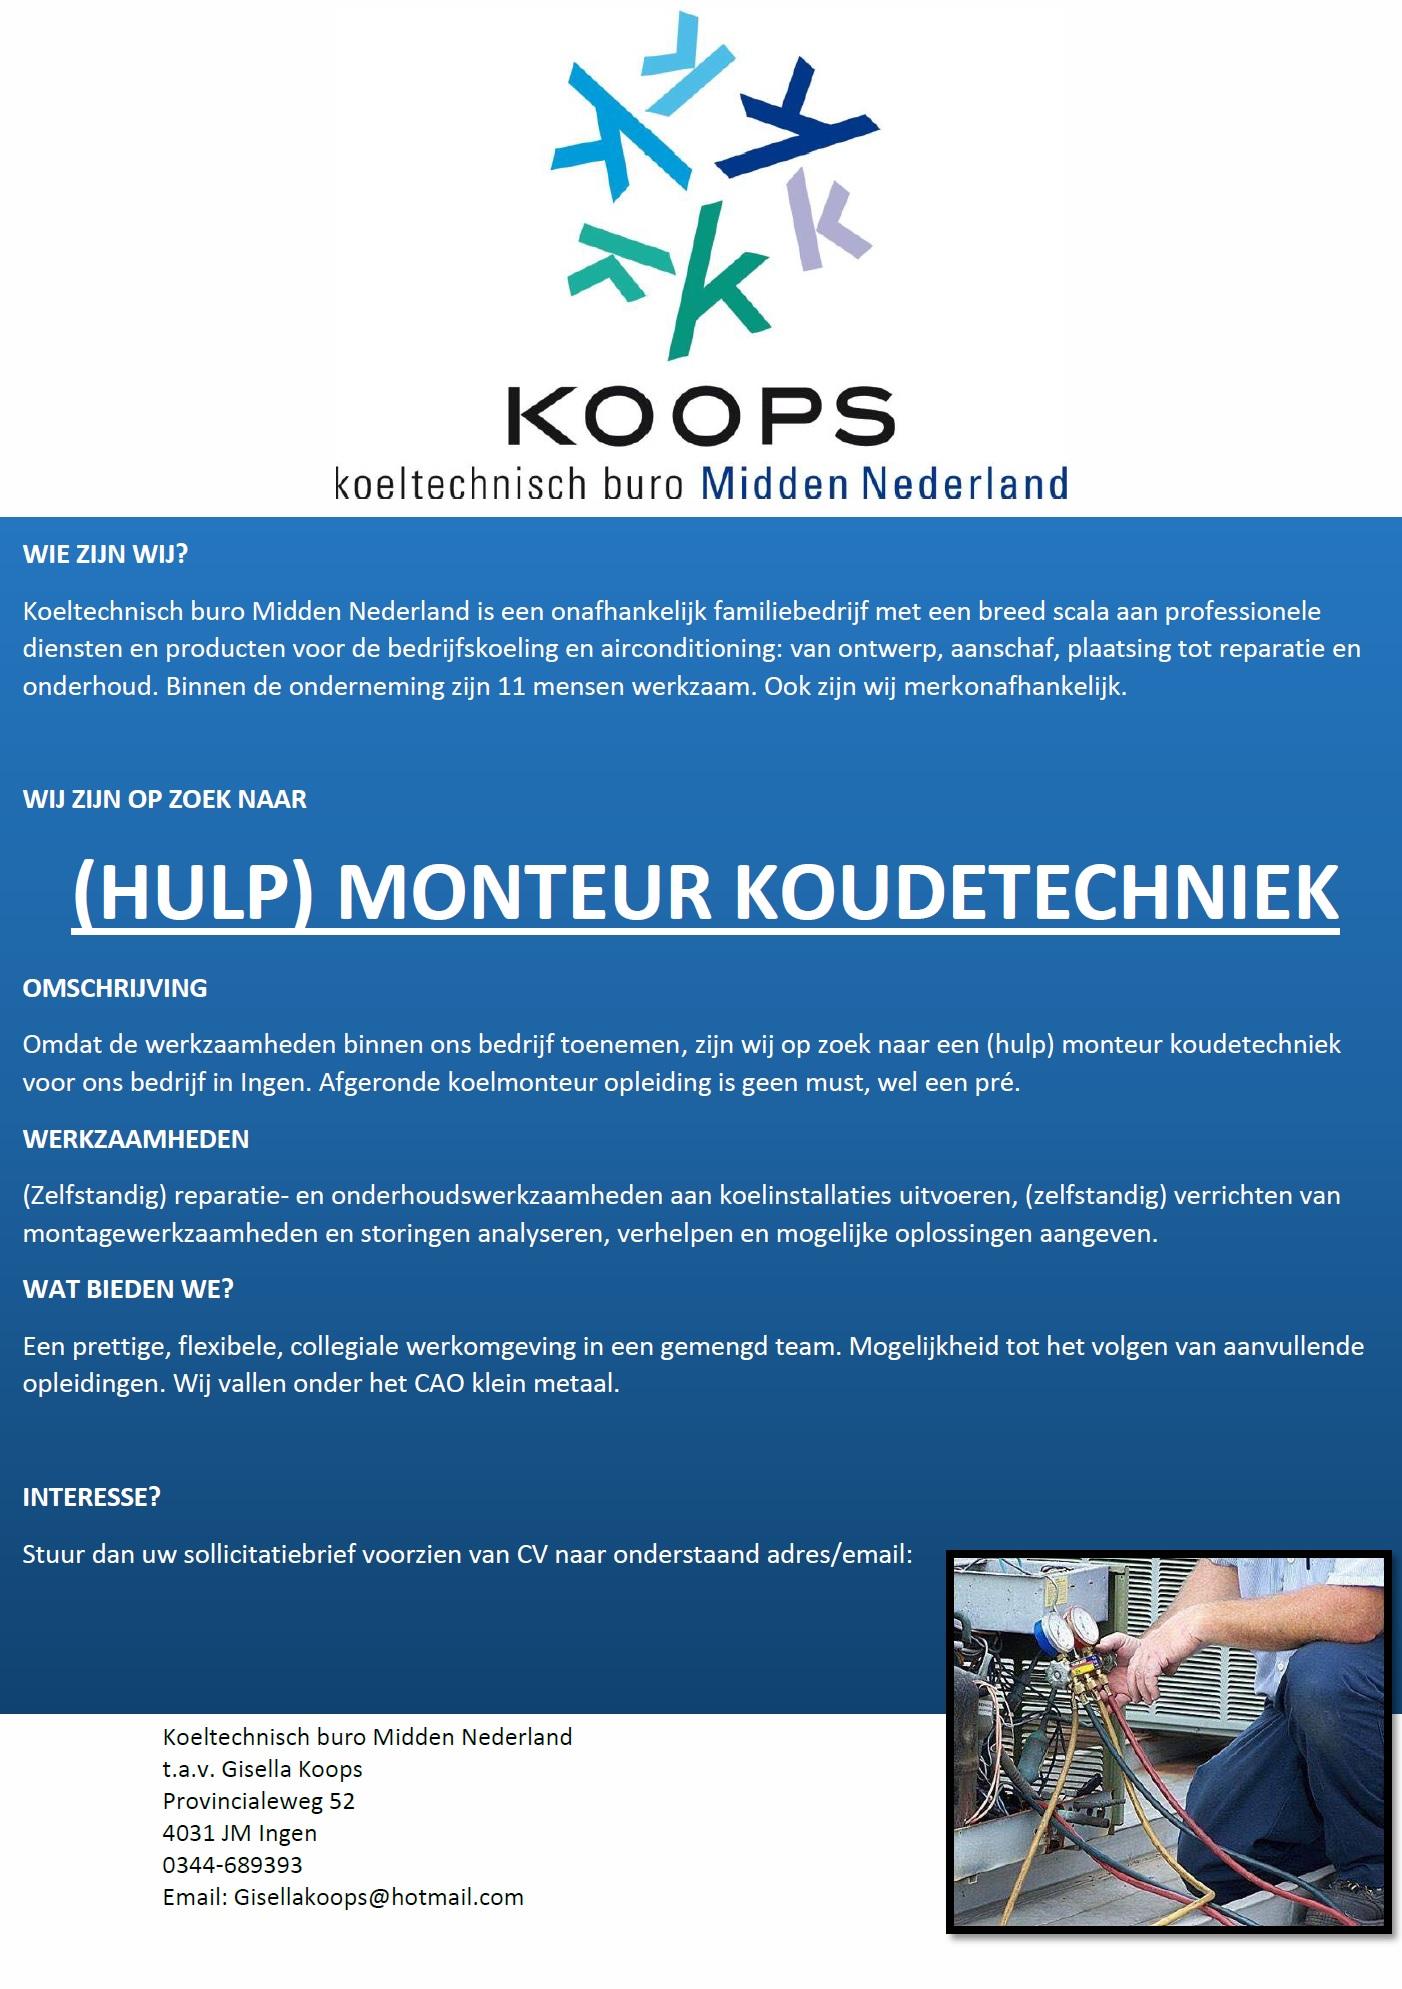 koeltechnisch buro Midden Nederland